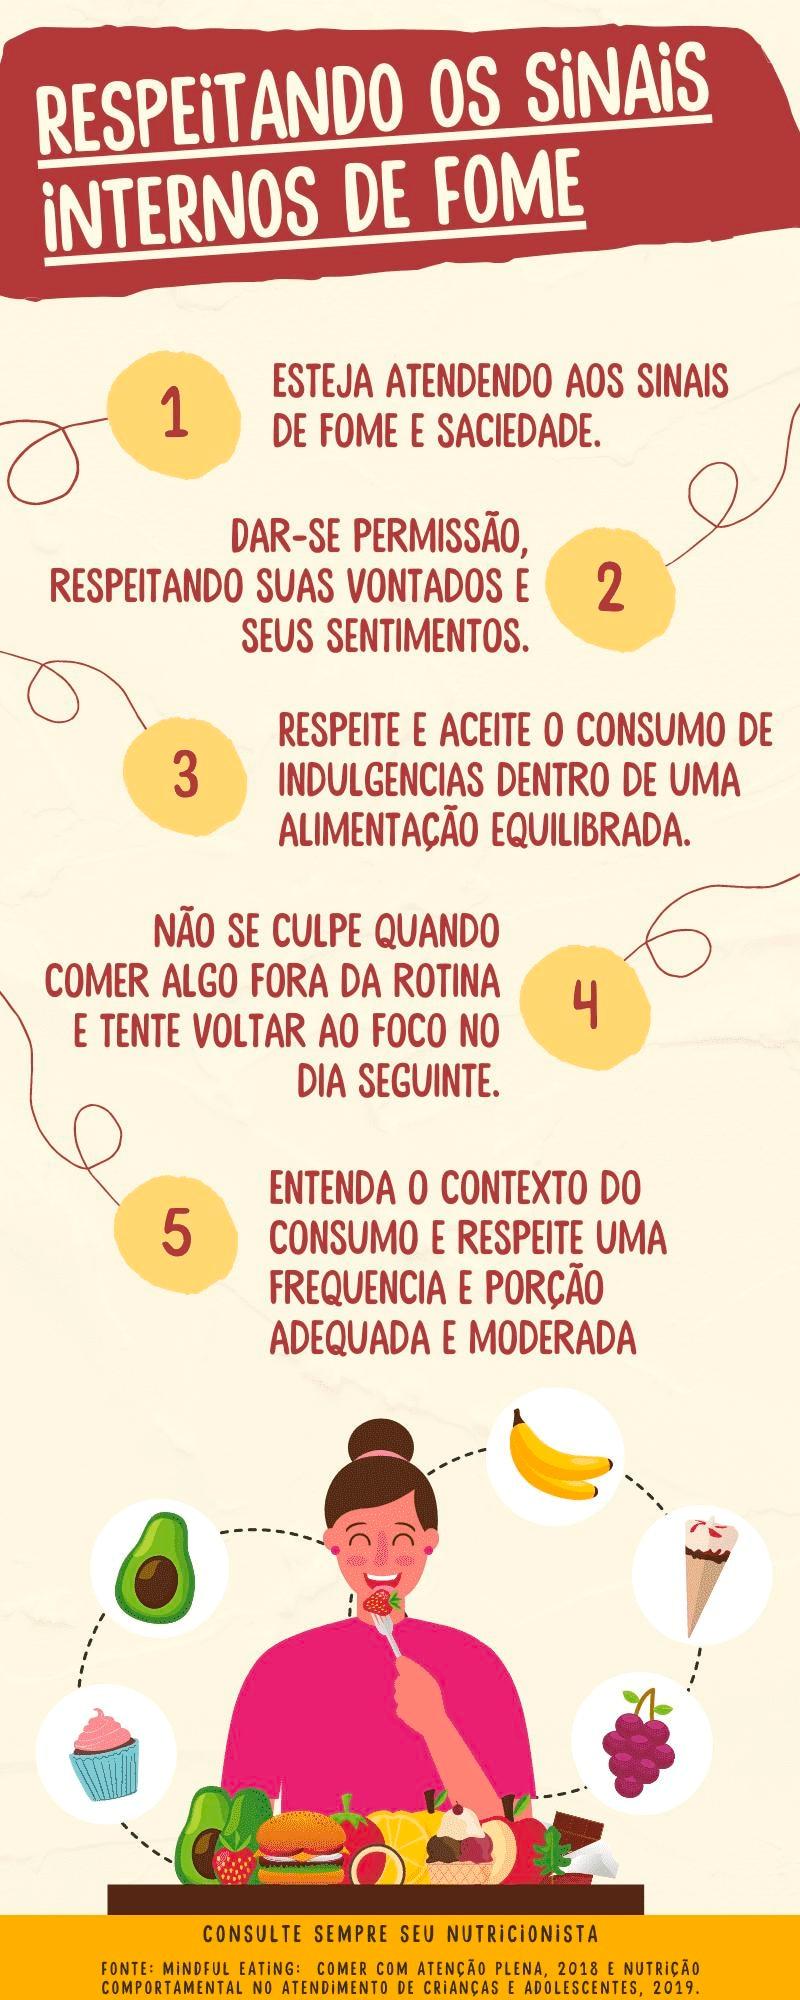 Infográfico com 5 passos para respeitar os sinais internos de fome